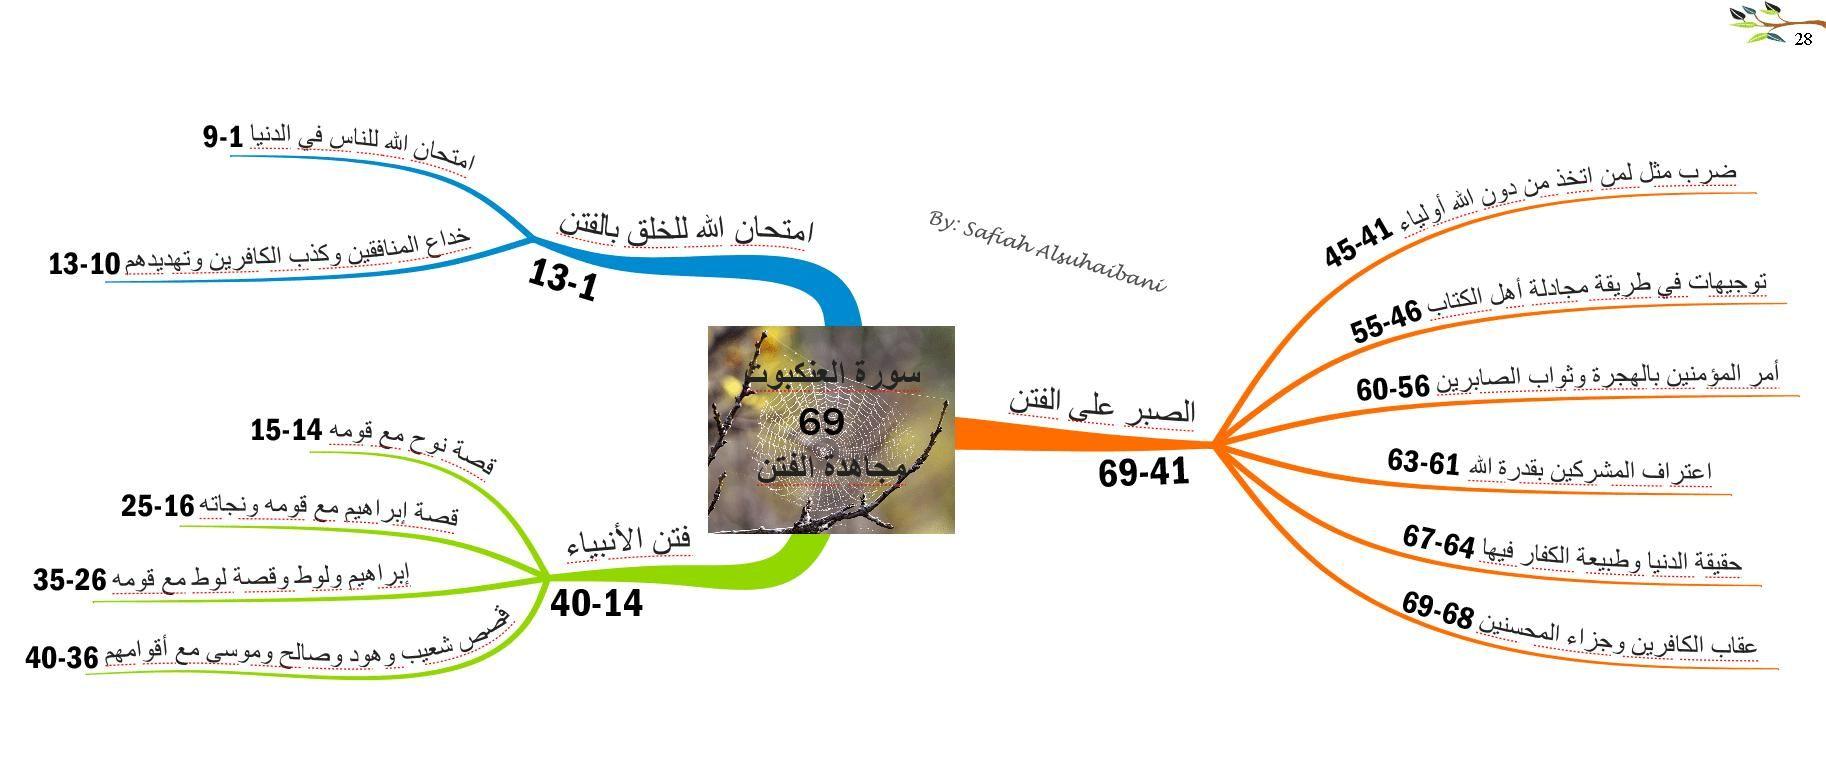 الخرائط الذهنية لسور القرآن الكريم سورة العنكبوت Quran Mind Map Map